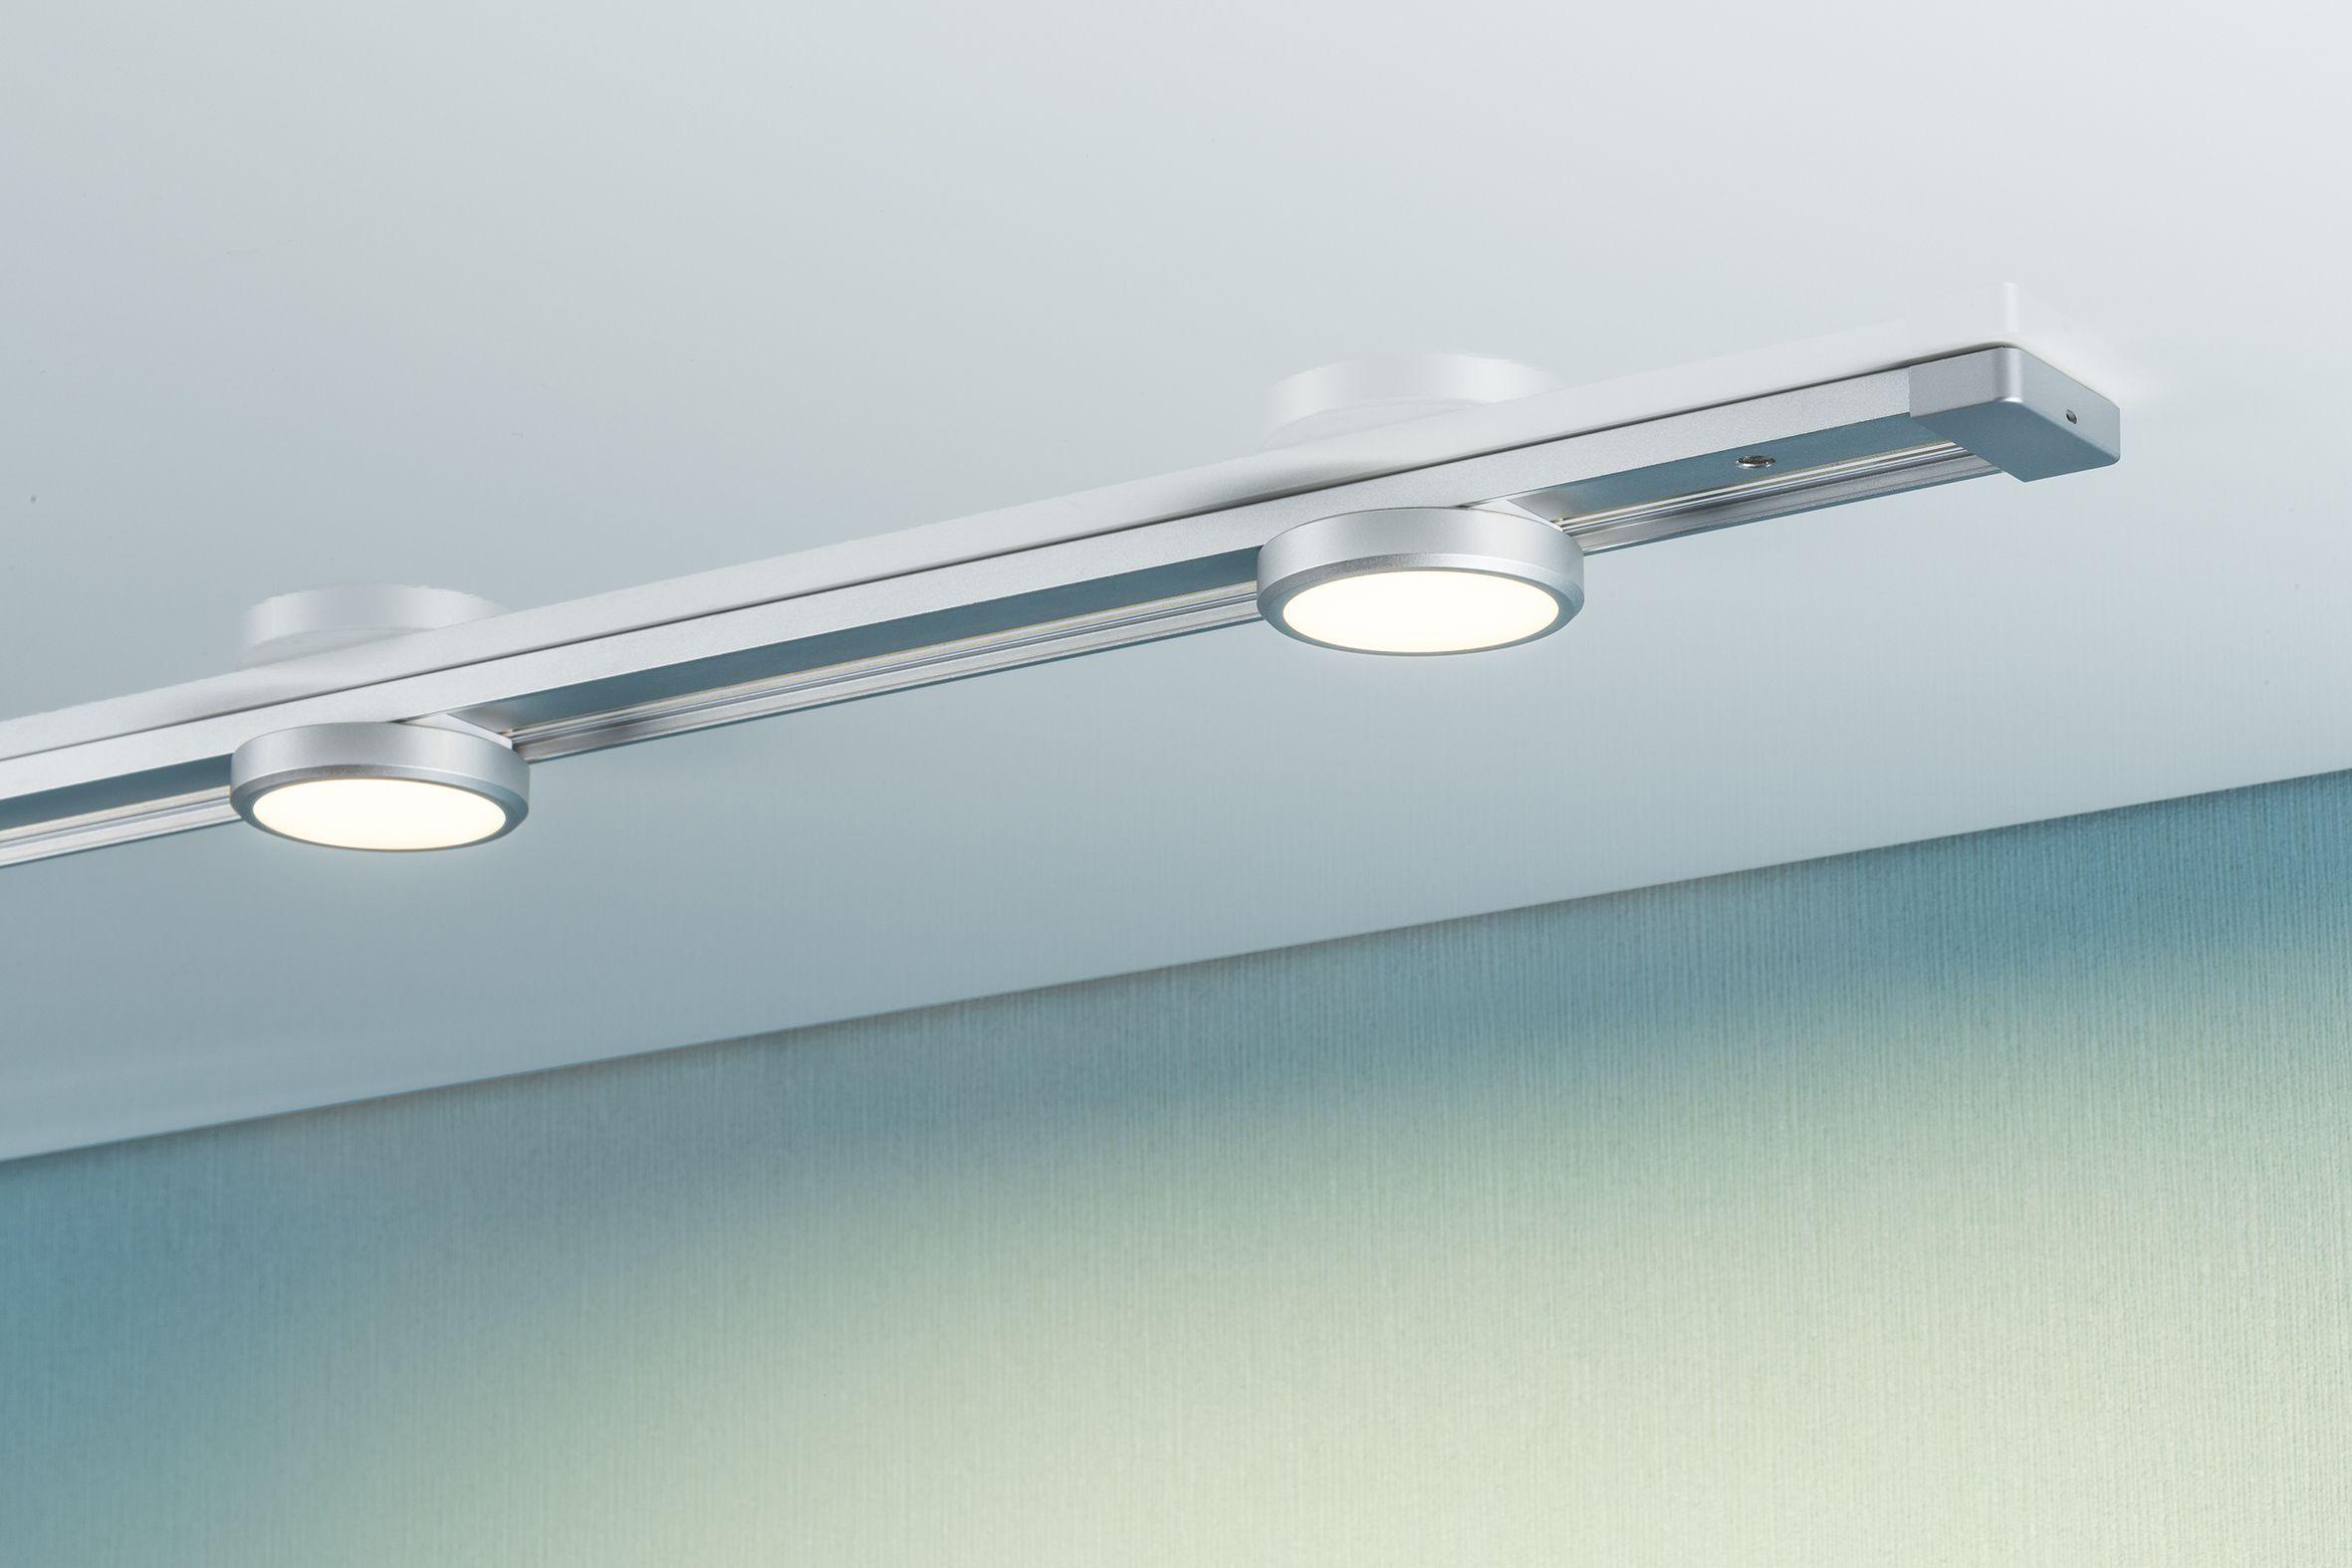 Full Size of Lampen Schienensystem Led Kchenlampen Neu Wohnzimmer Küchenlampen